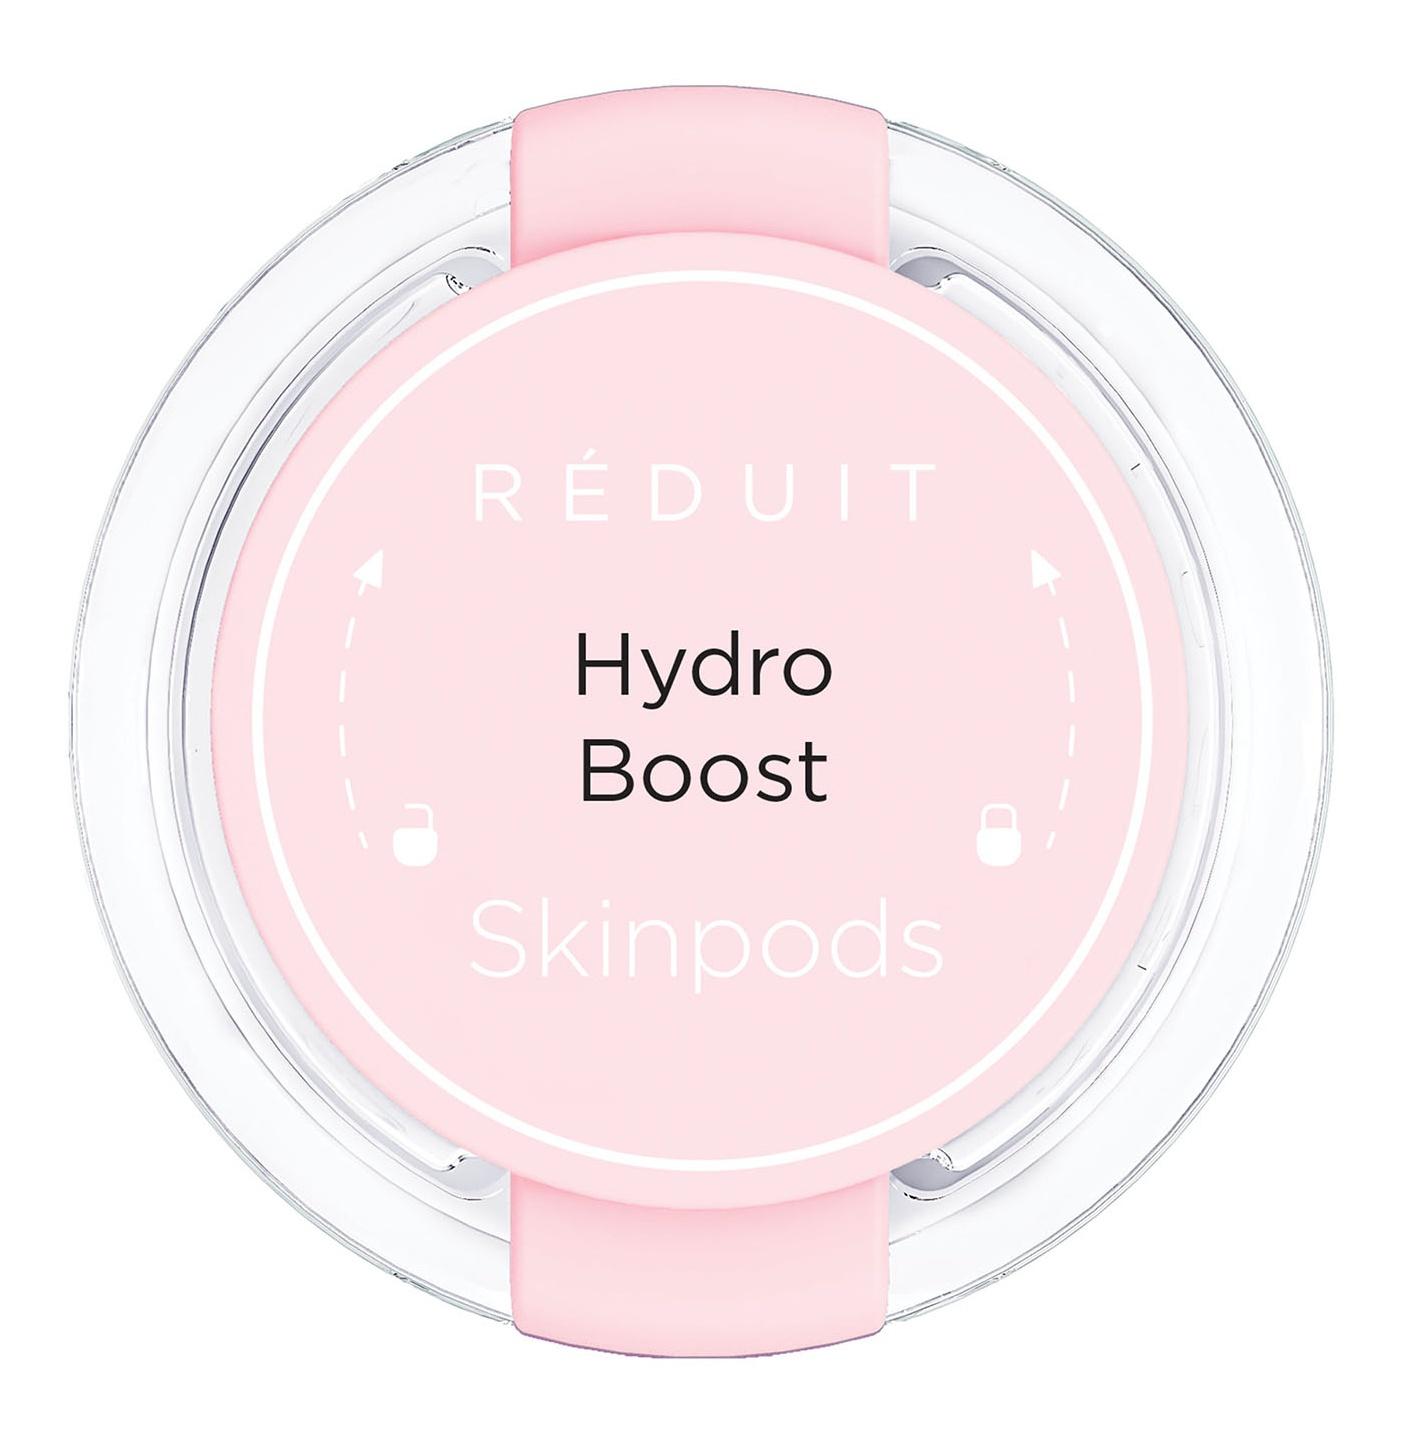 RÉDUIT Hydro Boost